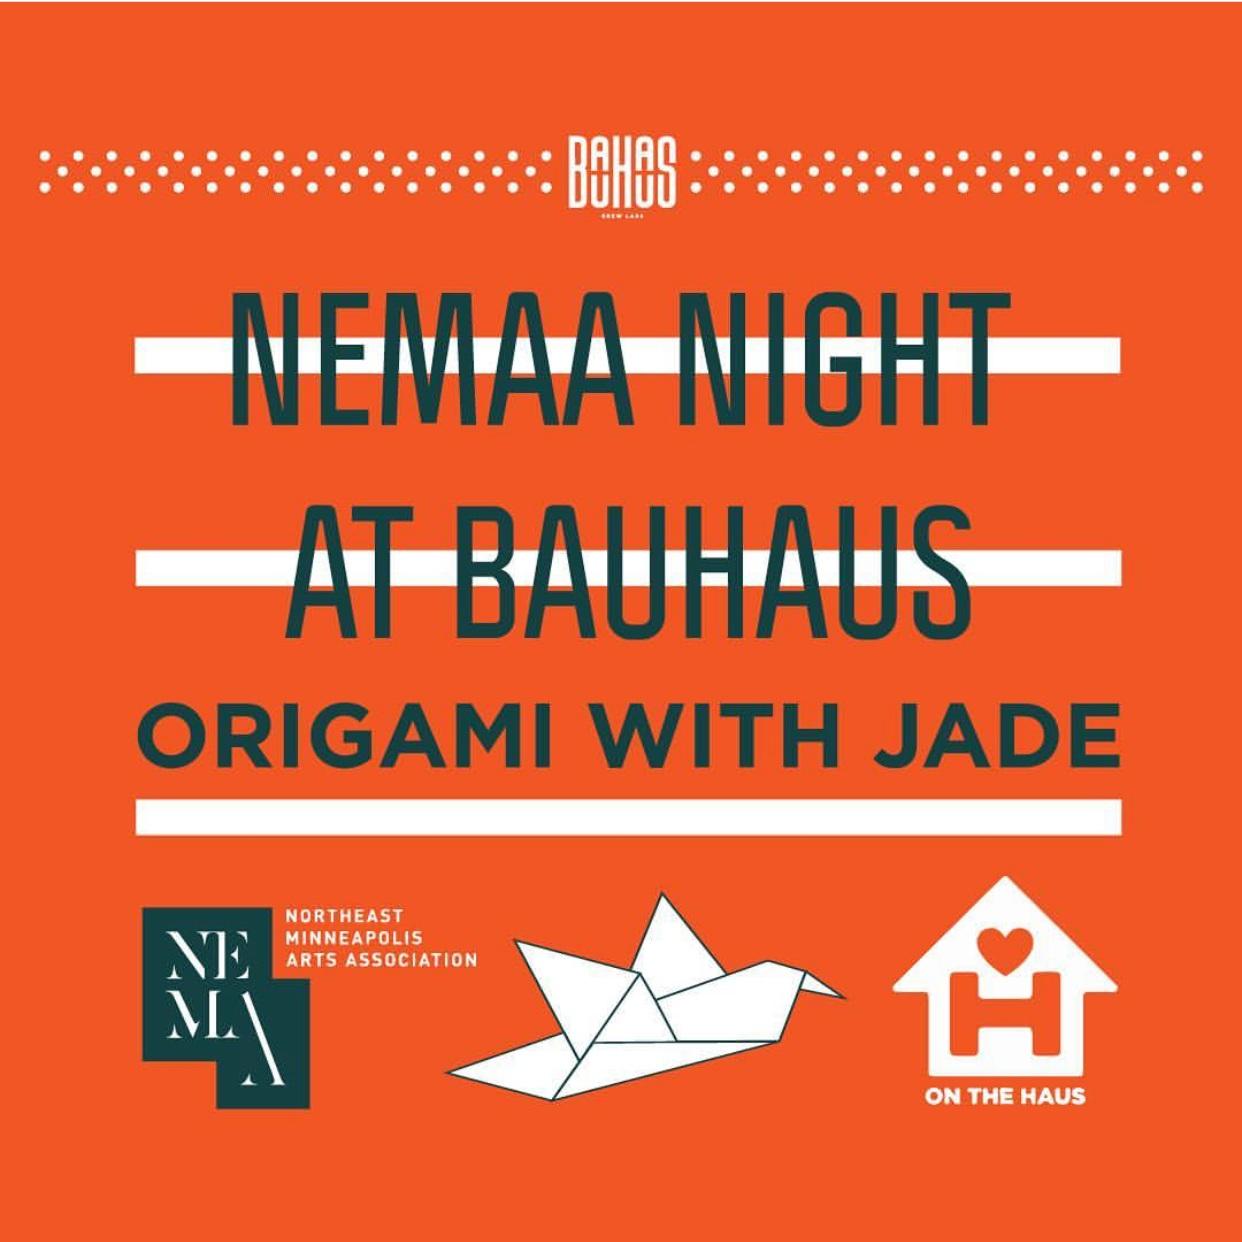 NEMAA Night at Bauhaus - February 2019